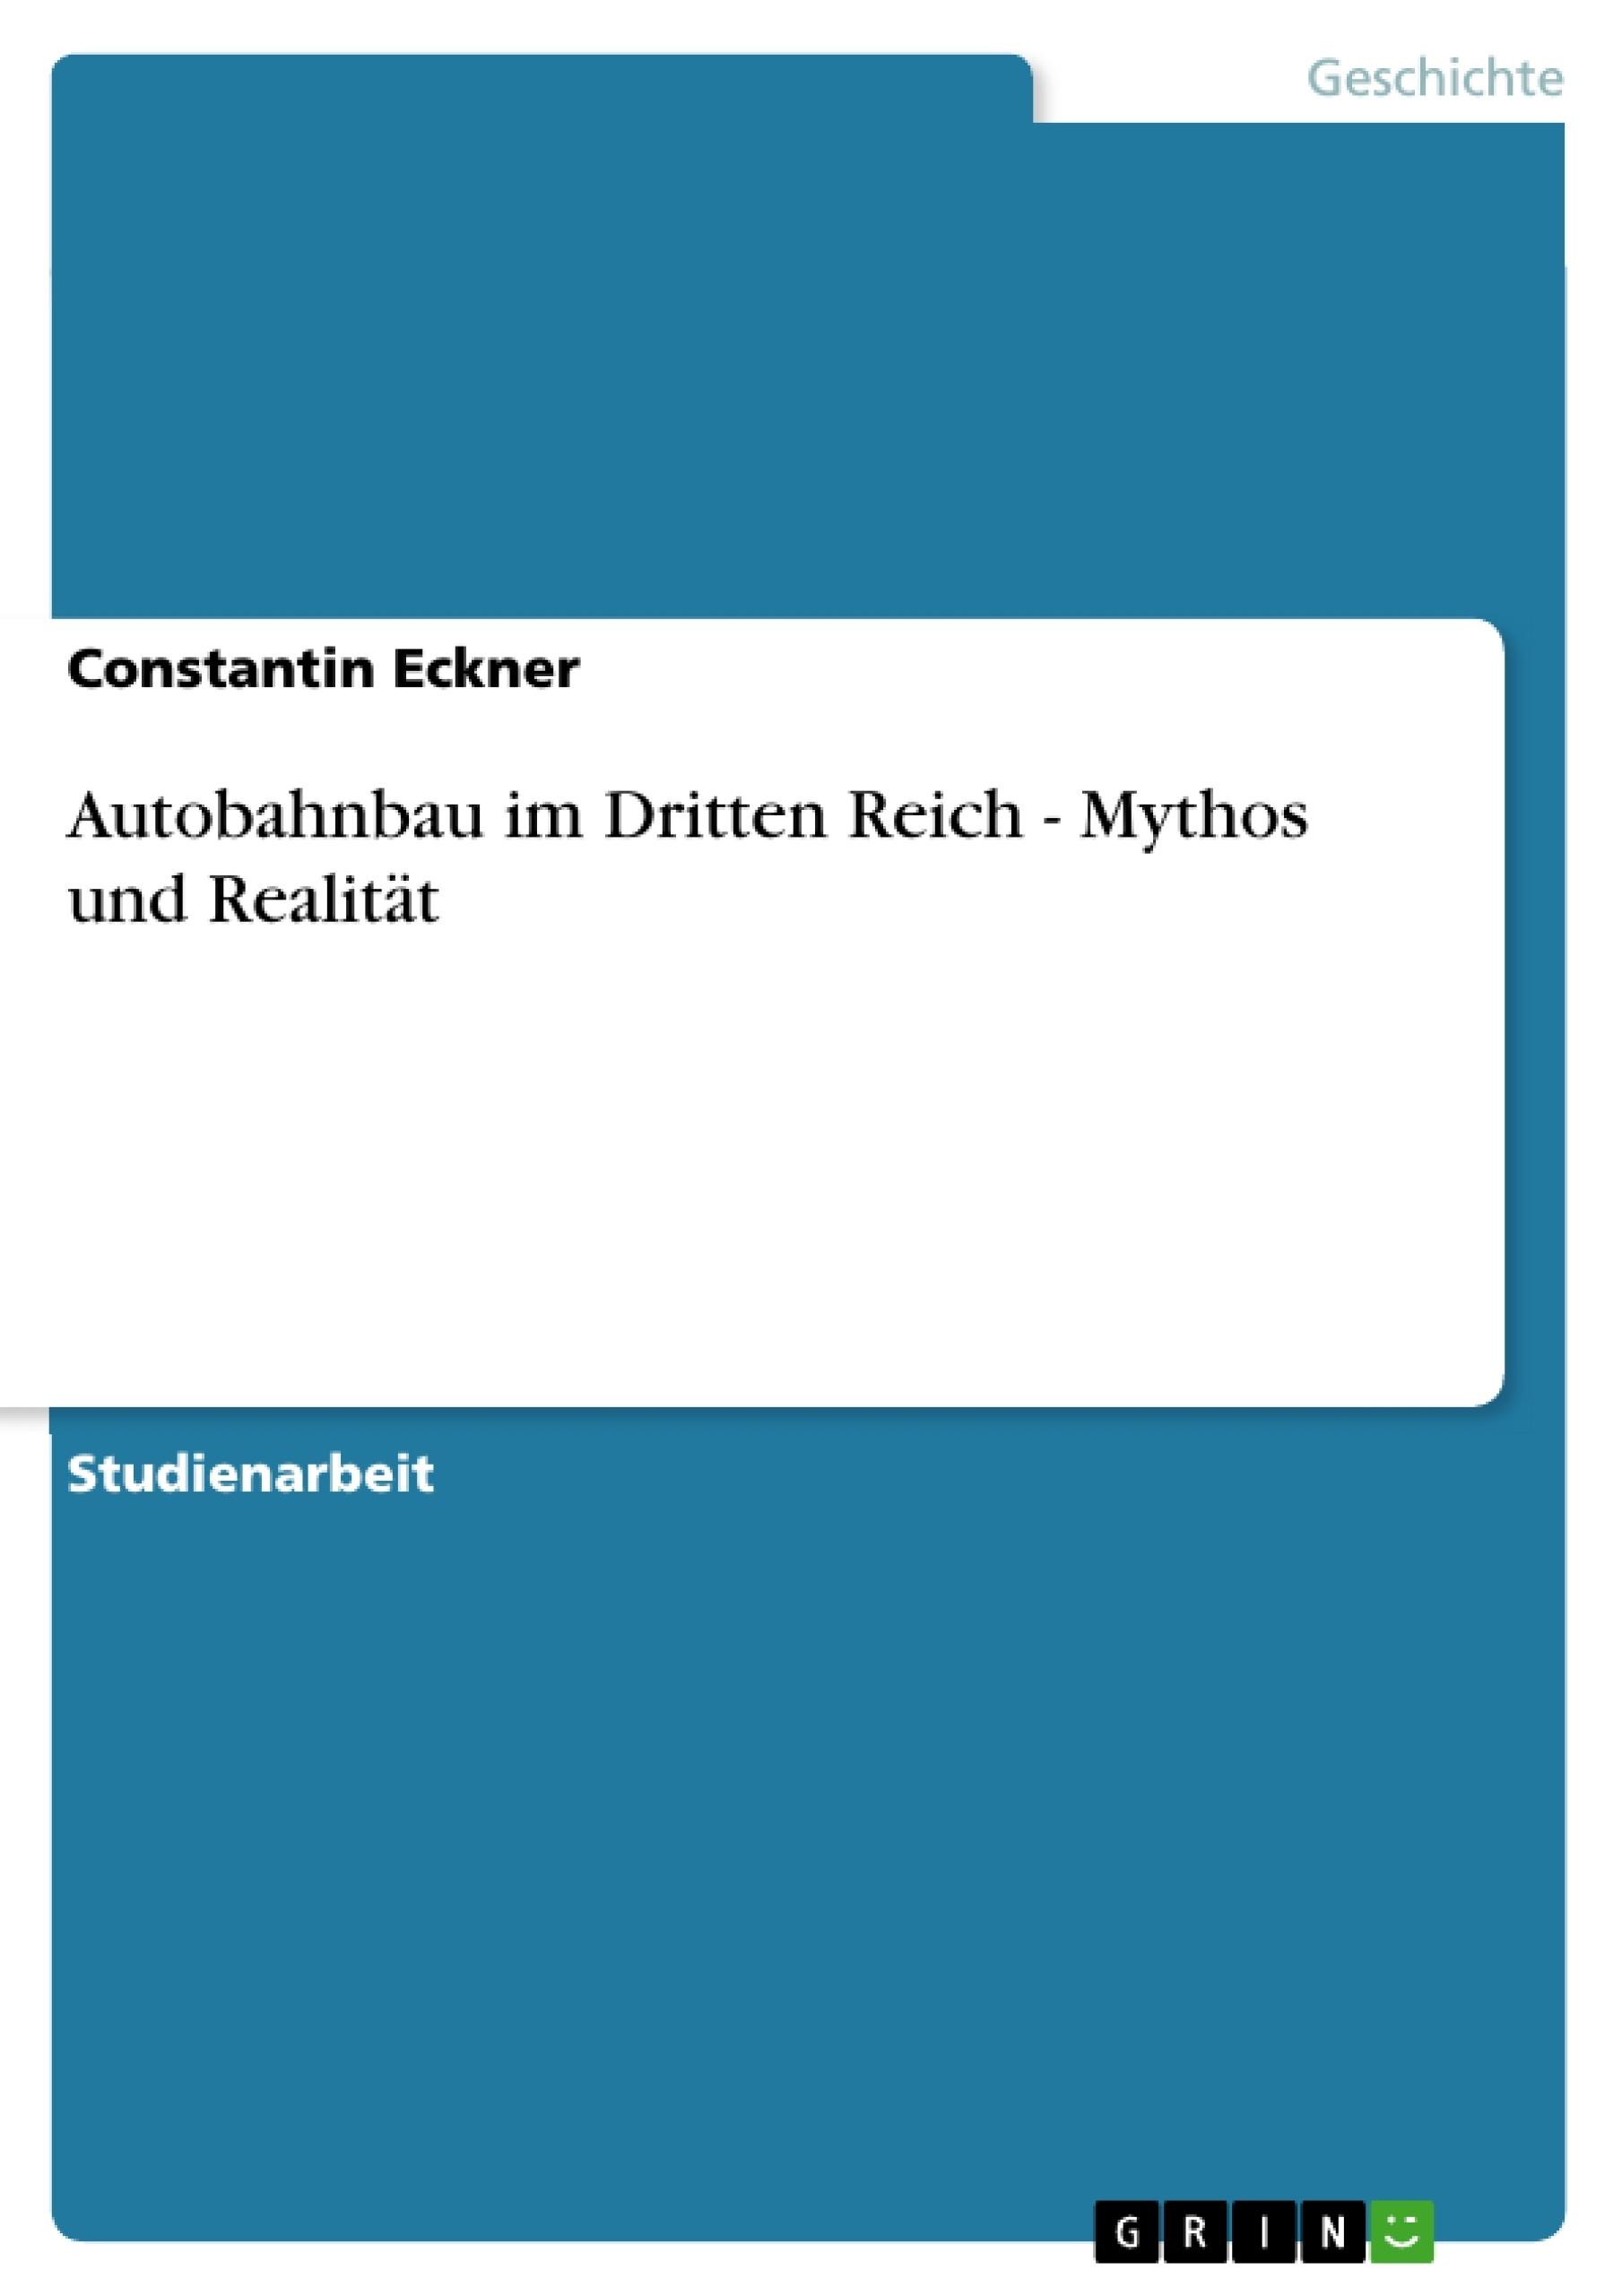 Titel: Autobahnbau im Dritten Reich - Mythos und Realität